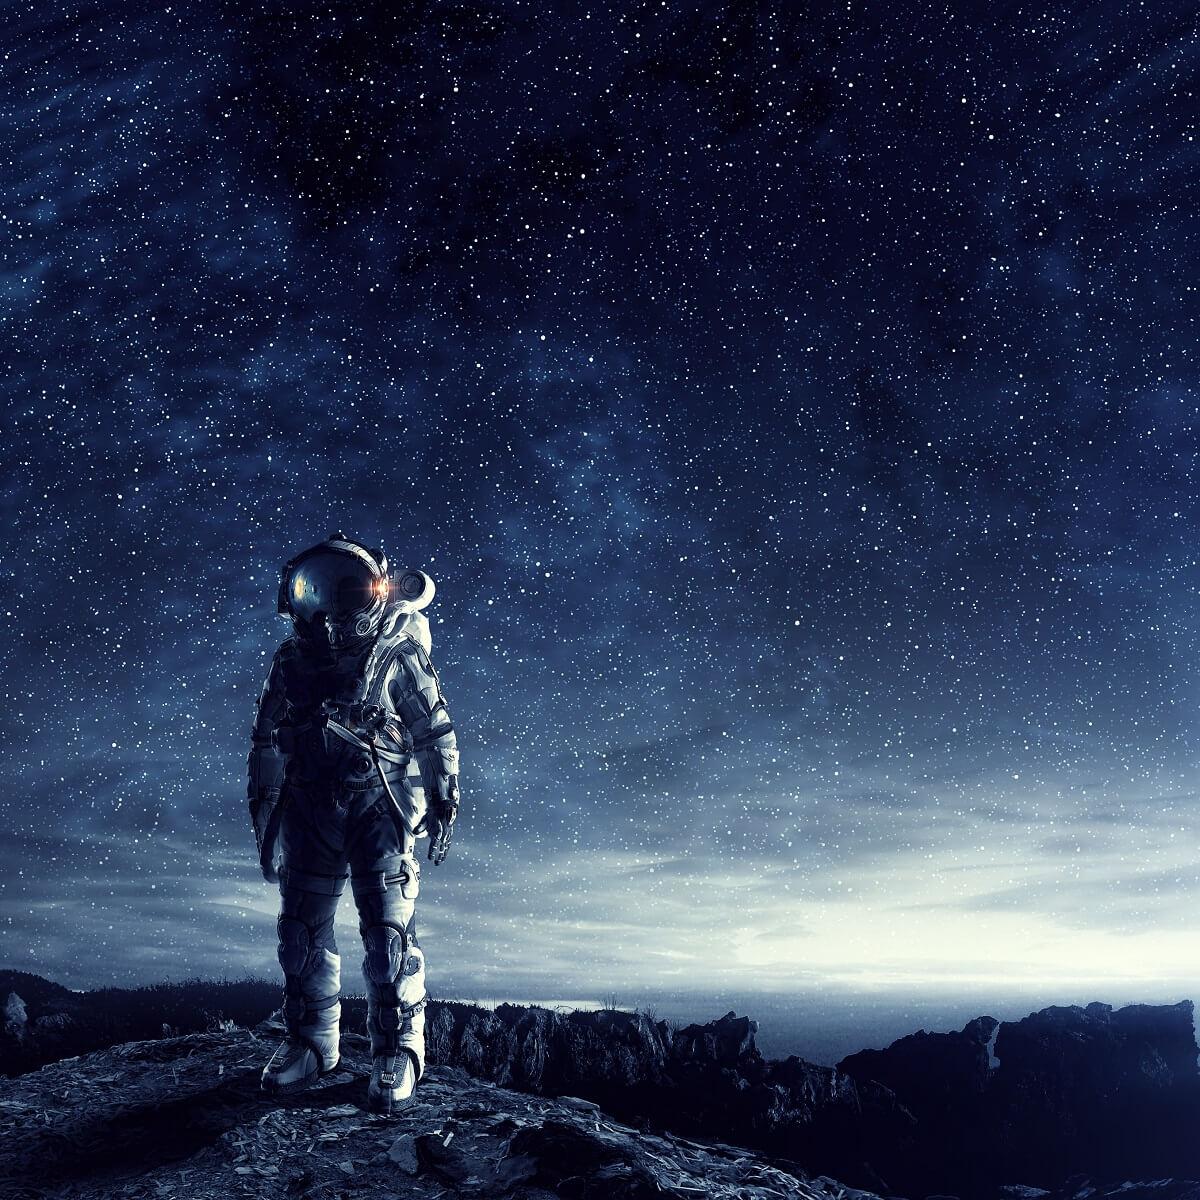 宇宙飛行士が宇宙を探索している様子。